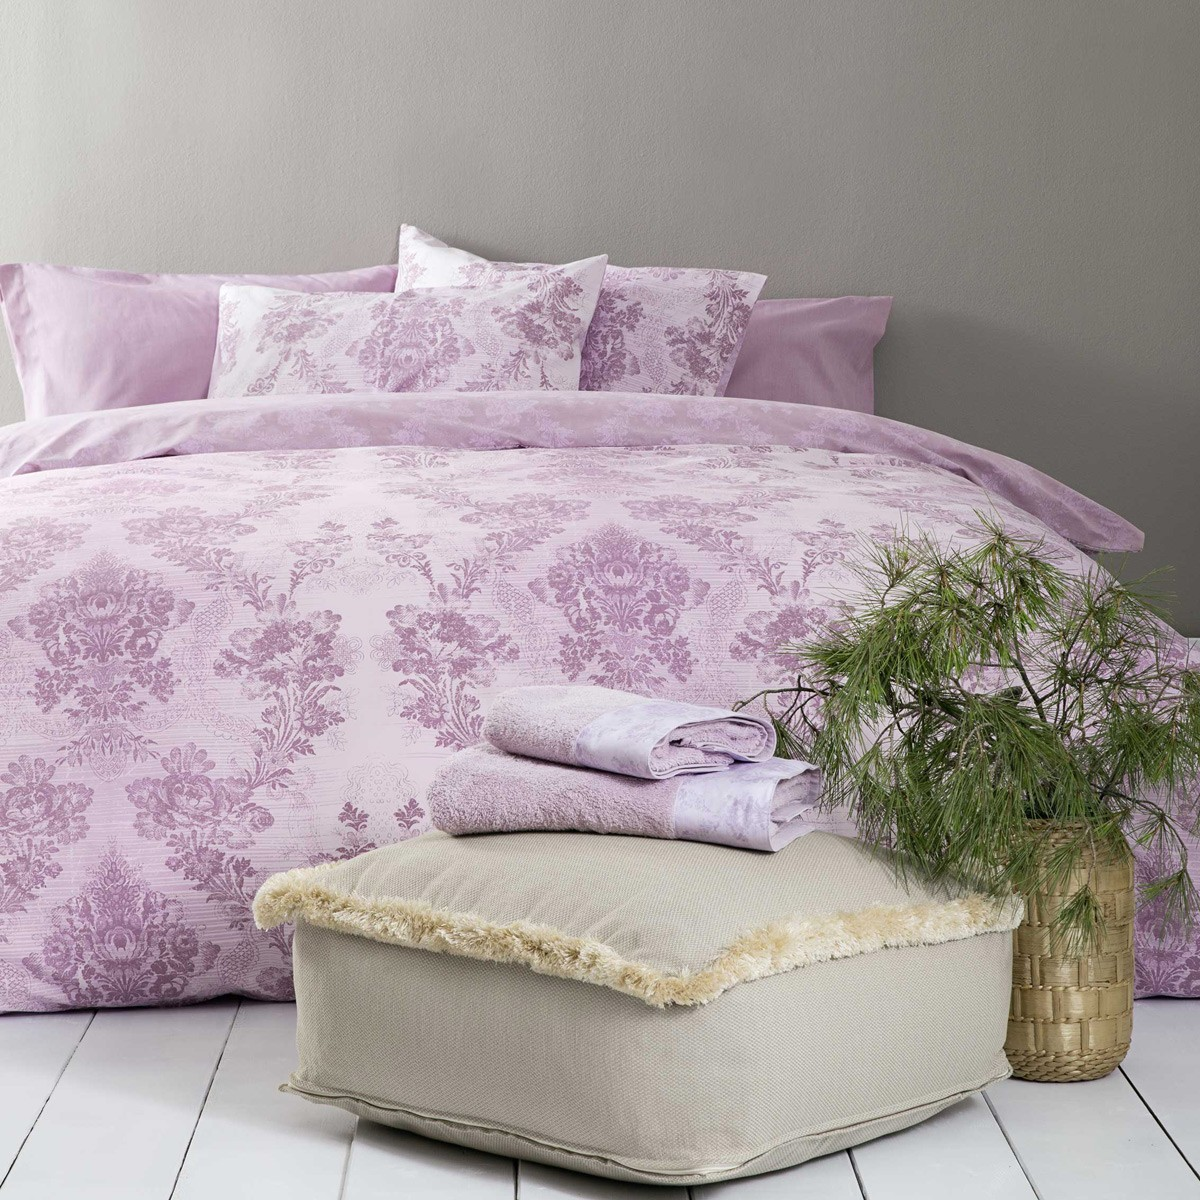 Σεντόνια Υπέρδιπλα (Σετ) Nima Bed Linen Kiana Pink